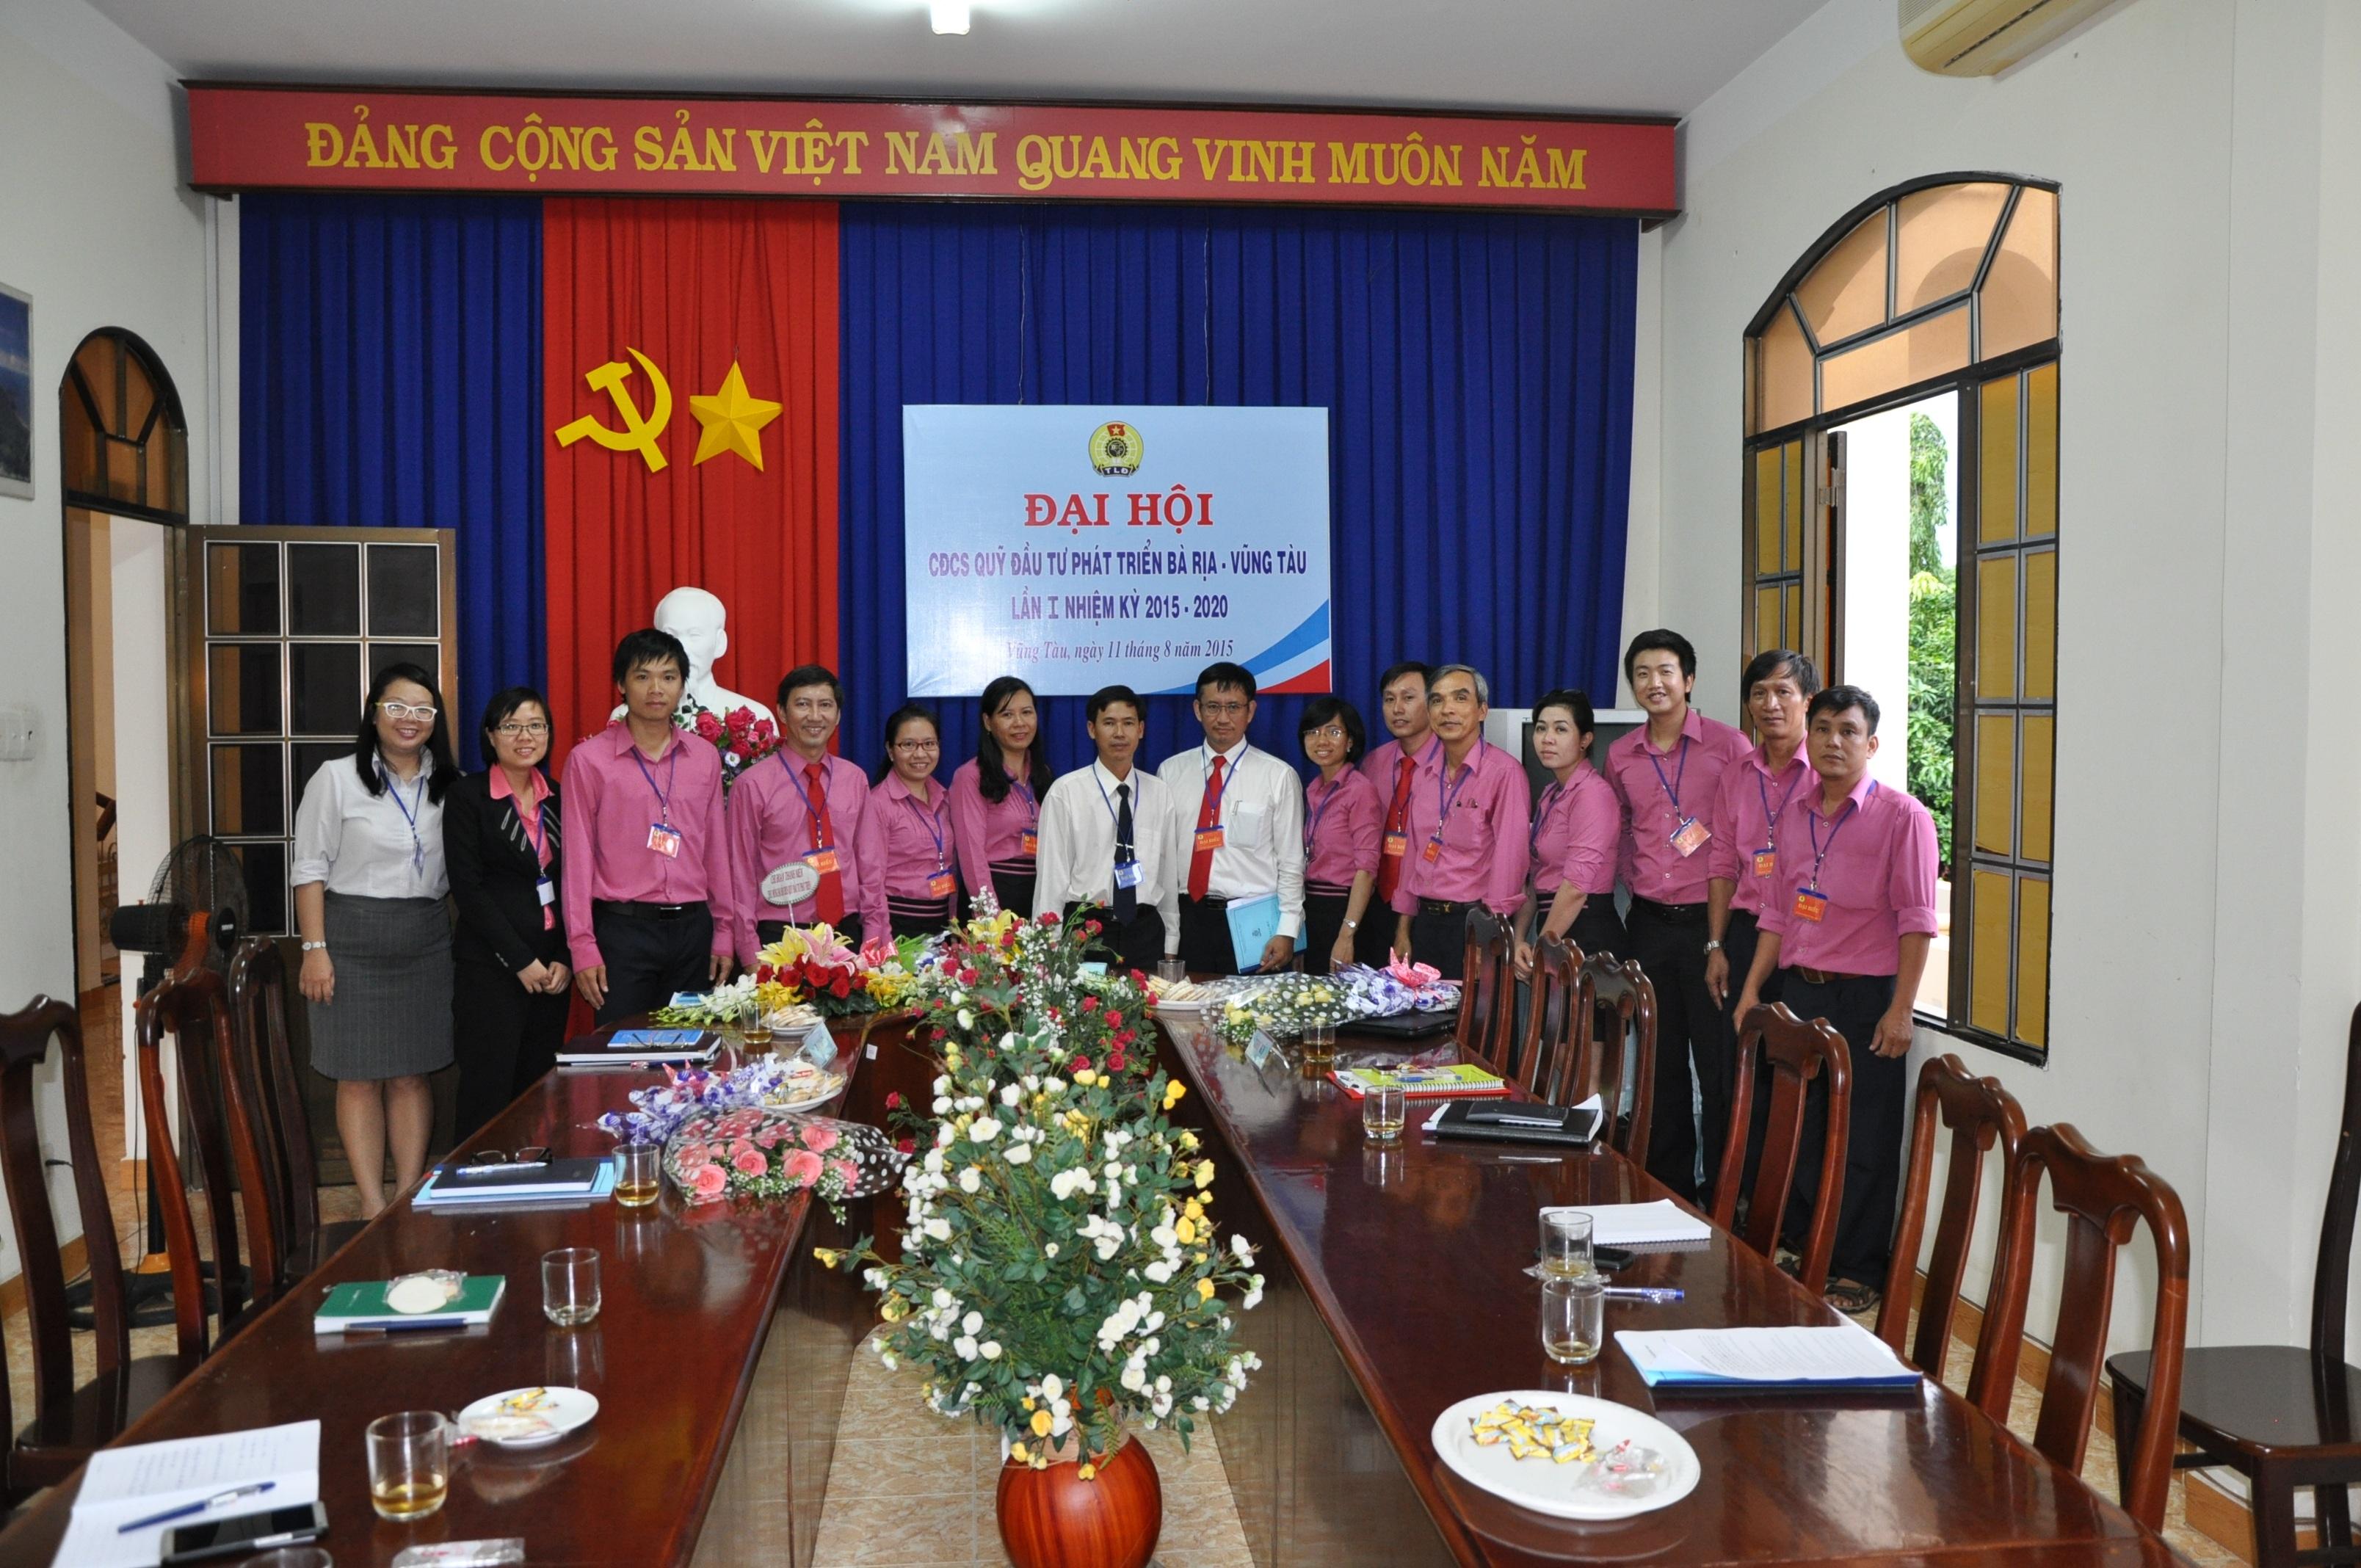 Đại hội Công đoàn cơ sở Quỹ Đầu tư phát triển Bà Rịa – Vũng Tàu  nhiệm kỳ 2015-2020